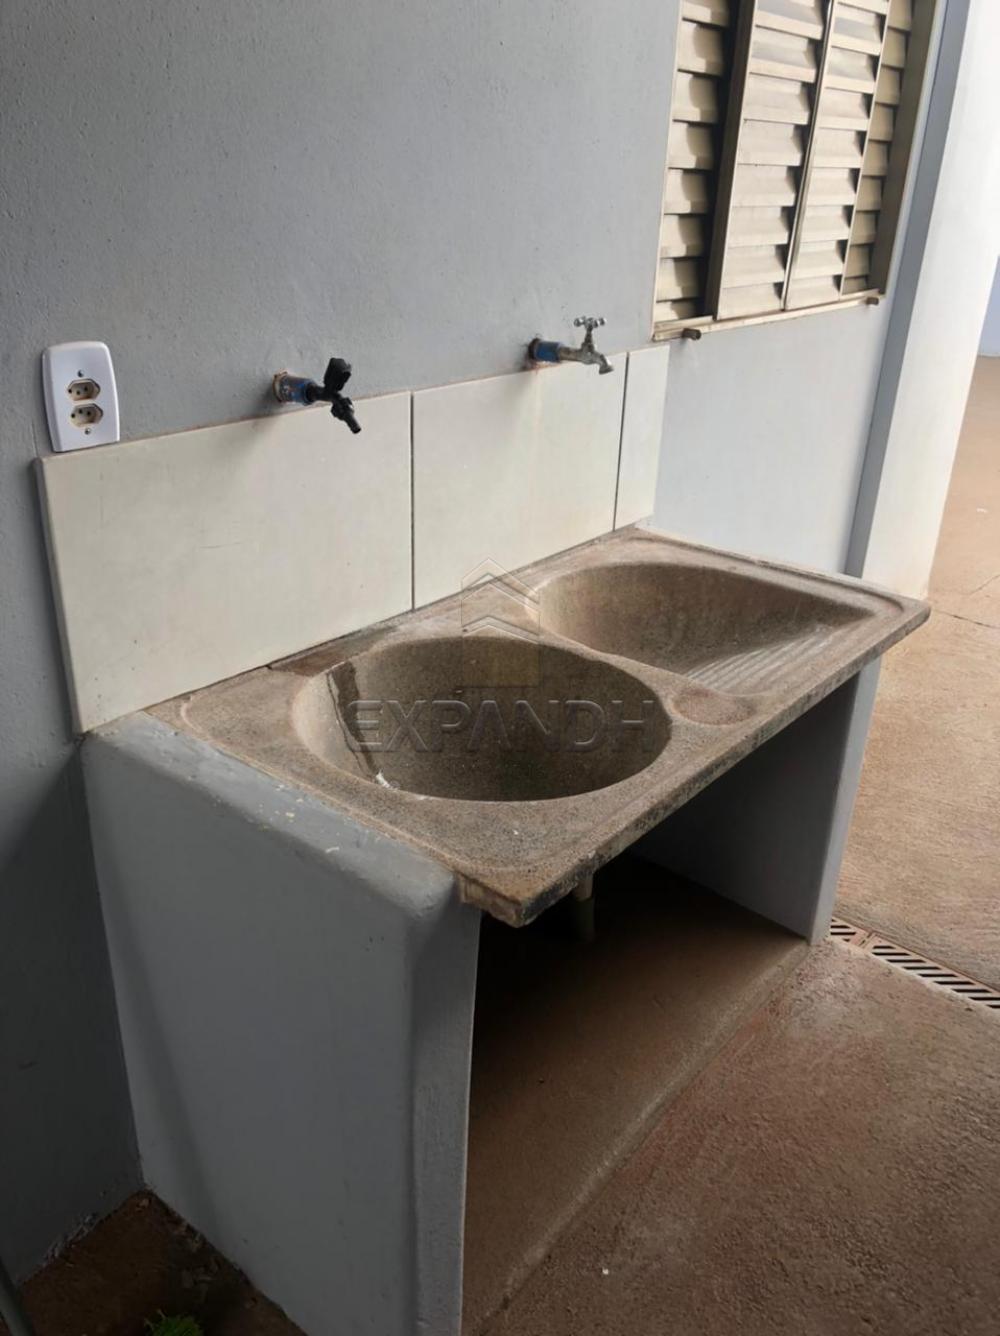 Alugar Casas / Padrão em Sertãozinho R$ 750,00 - Foto 15